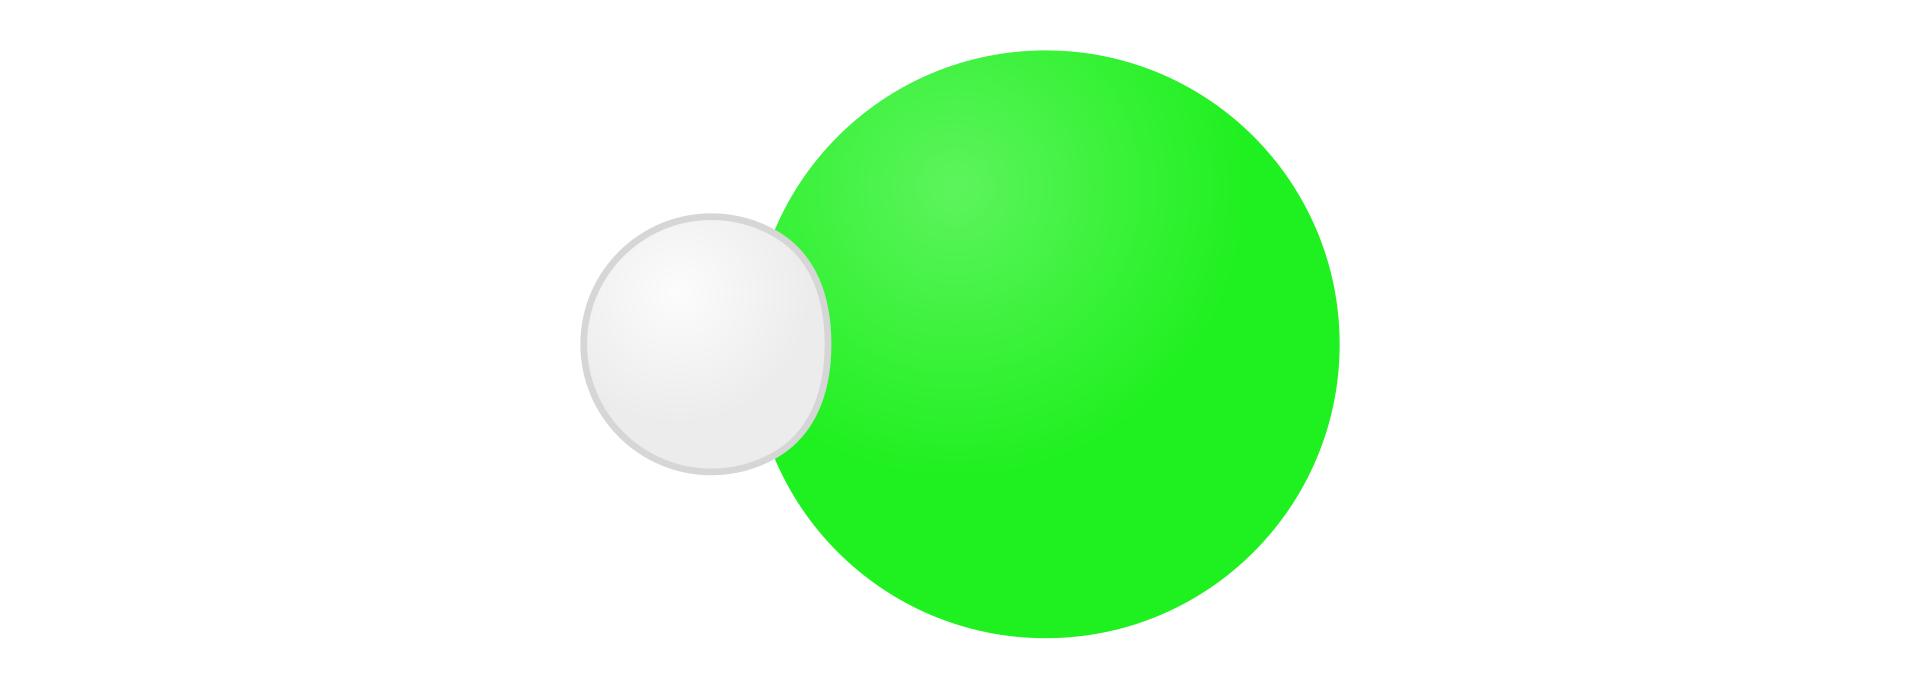 Ilustracja przedstawia model cząsteczki chlorowodoru składającej się zatomu wodoru symbolizowanego małym białym kołem po lewej stronie oraz połączonego znim atomu chloru symbolizowanego dużym zielonym kołem po prawej stronie.